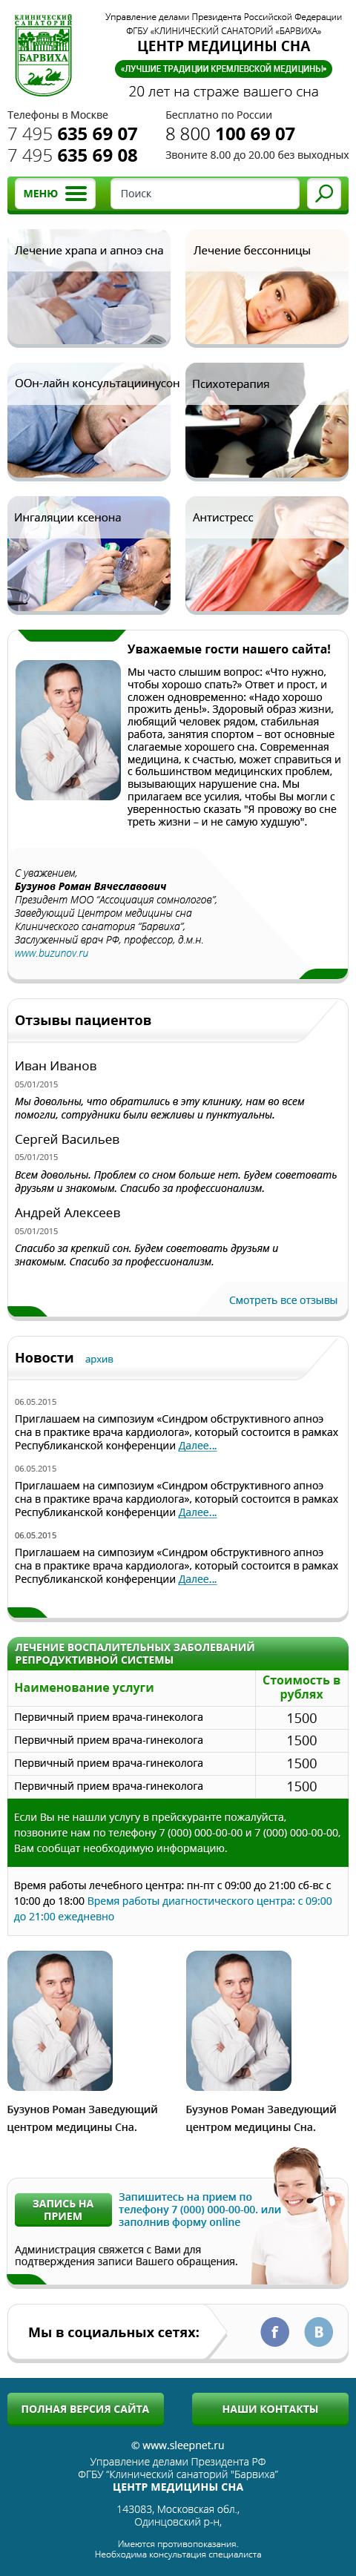 Мобильная версия к дизайну сайта Барвиха, центр медицины сна.